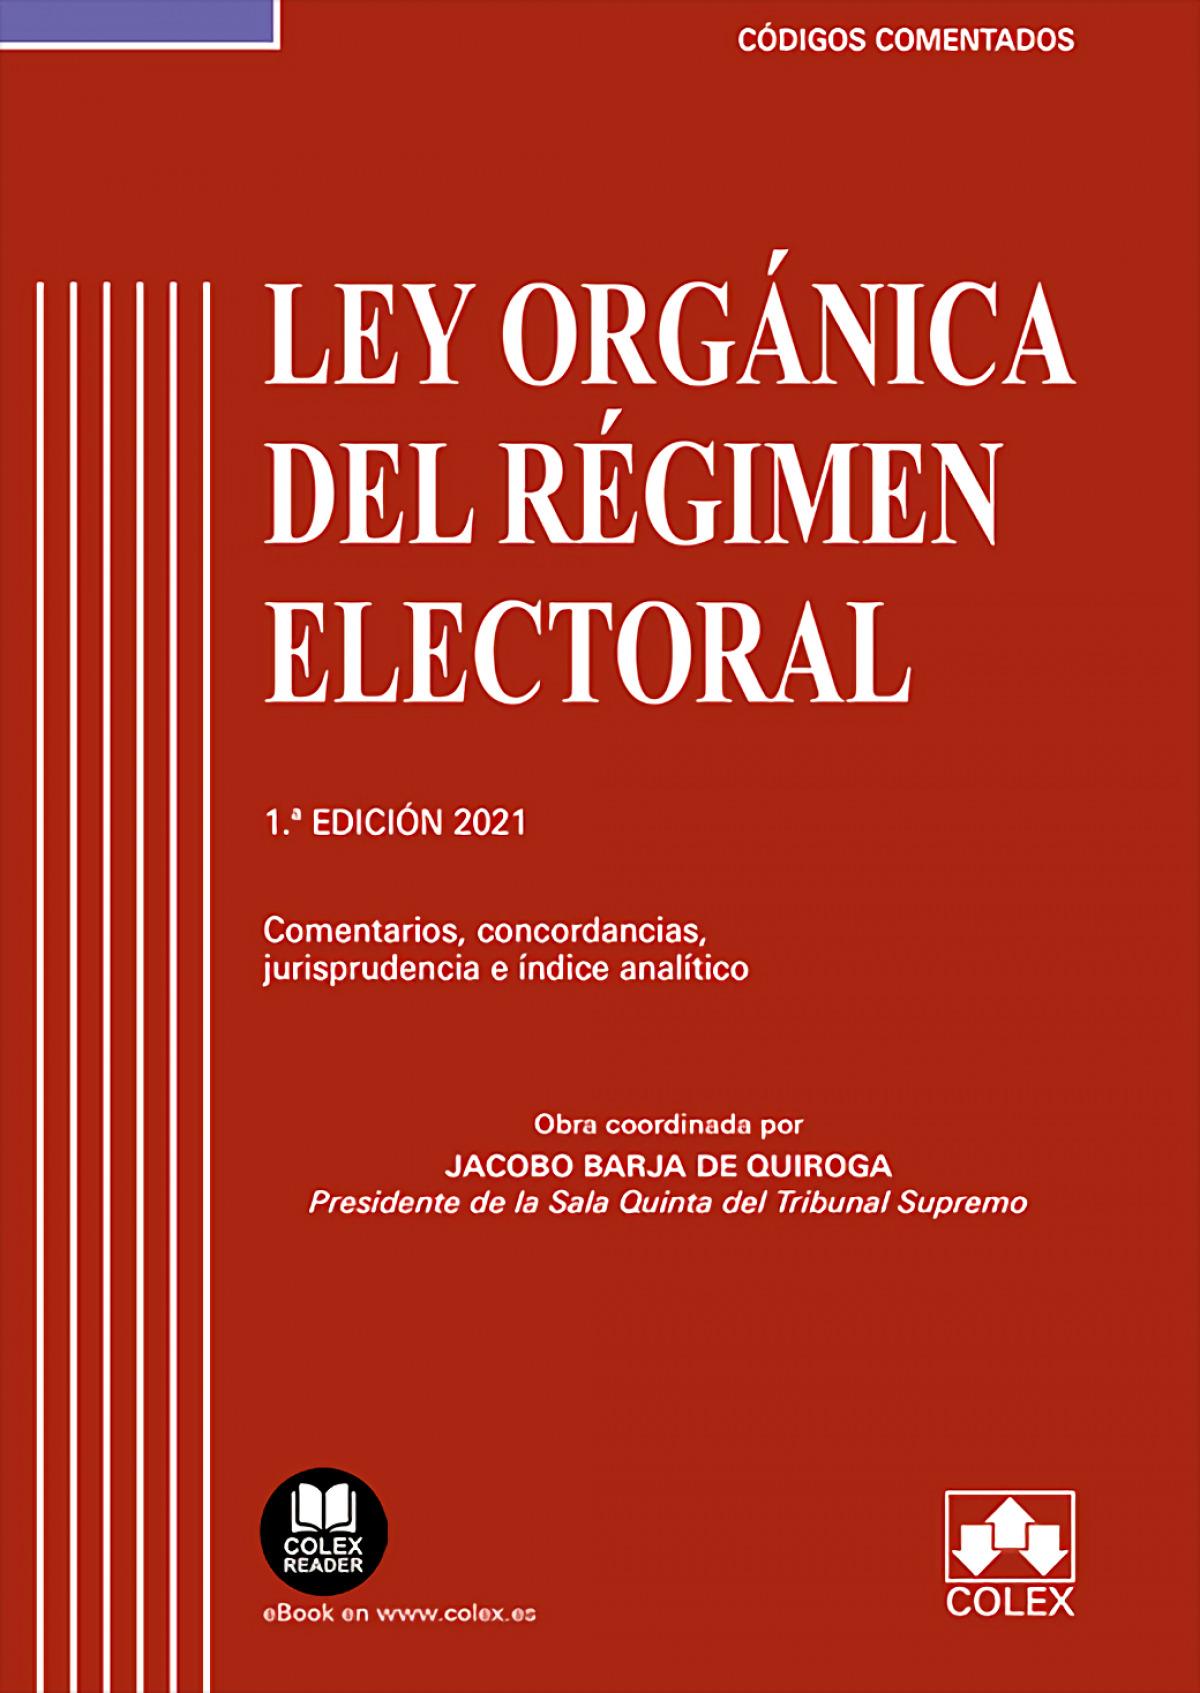 Ley Orgánica del Régimen Electoral - Código comentado 9788413591377